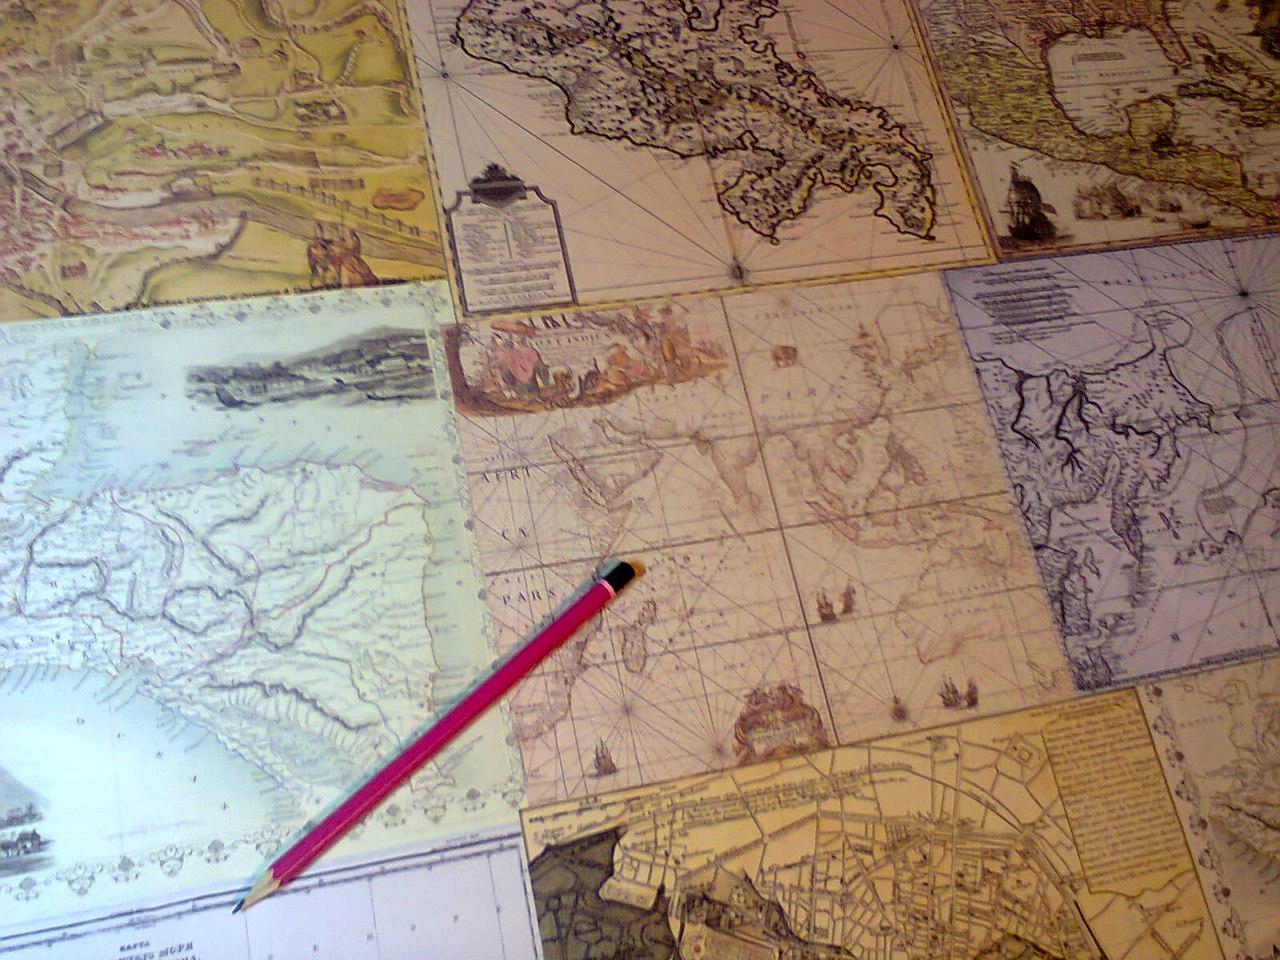 Декор стола и страсть к картографии